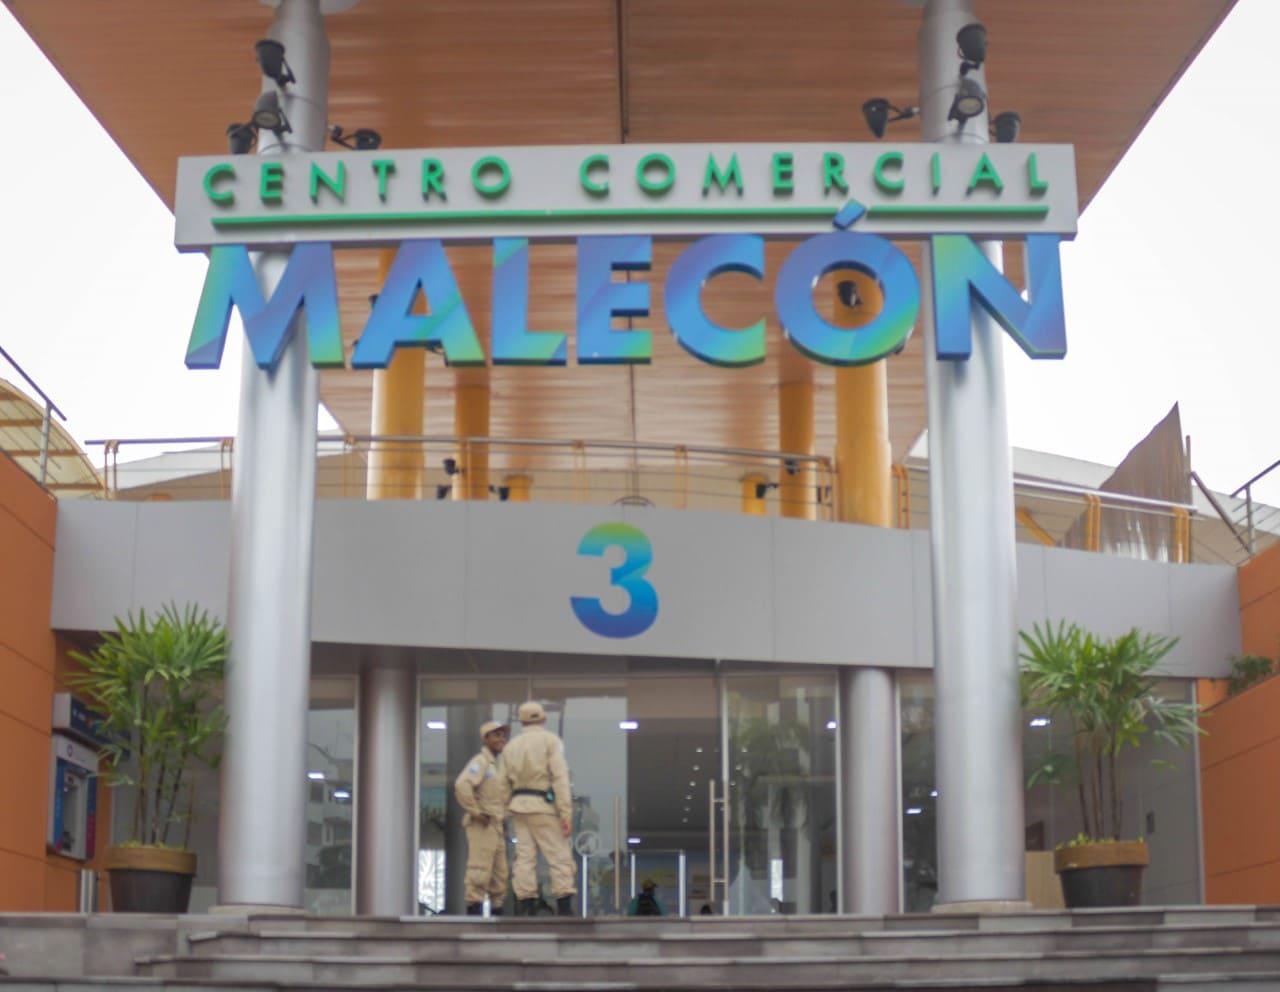 El COE Cantonal emitió resoluciones para el Malecón 2000 durante feriado